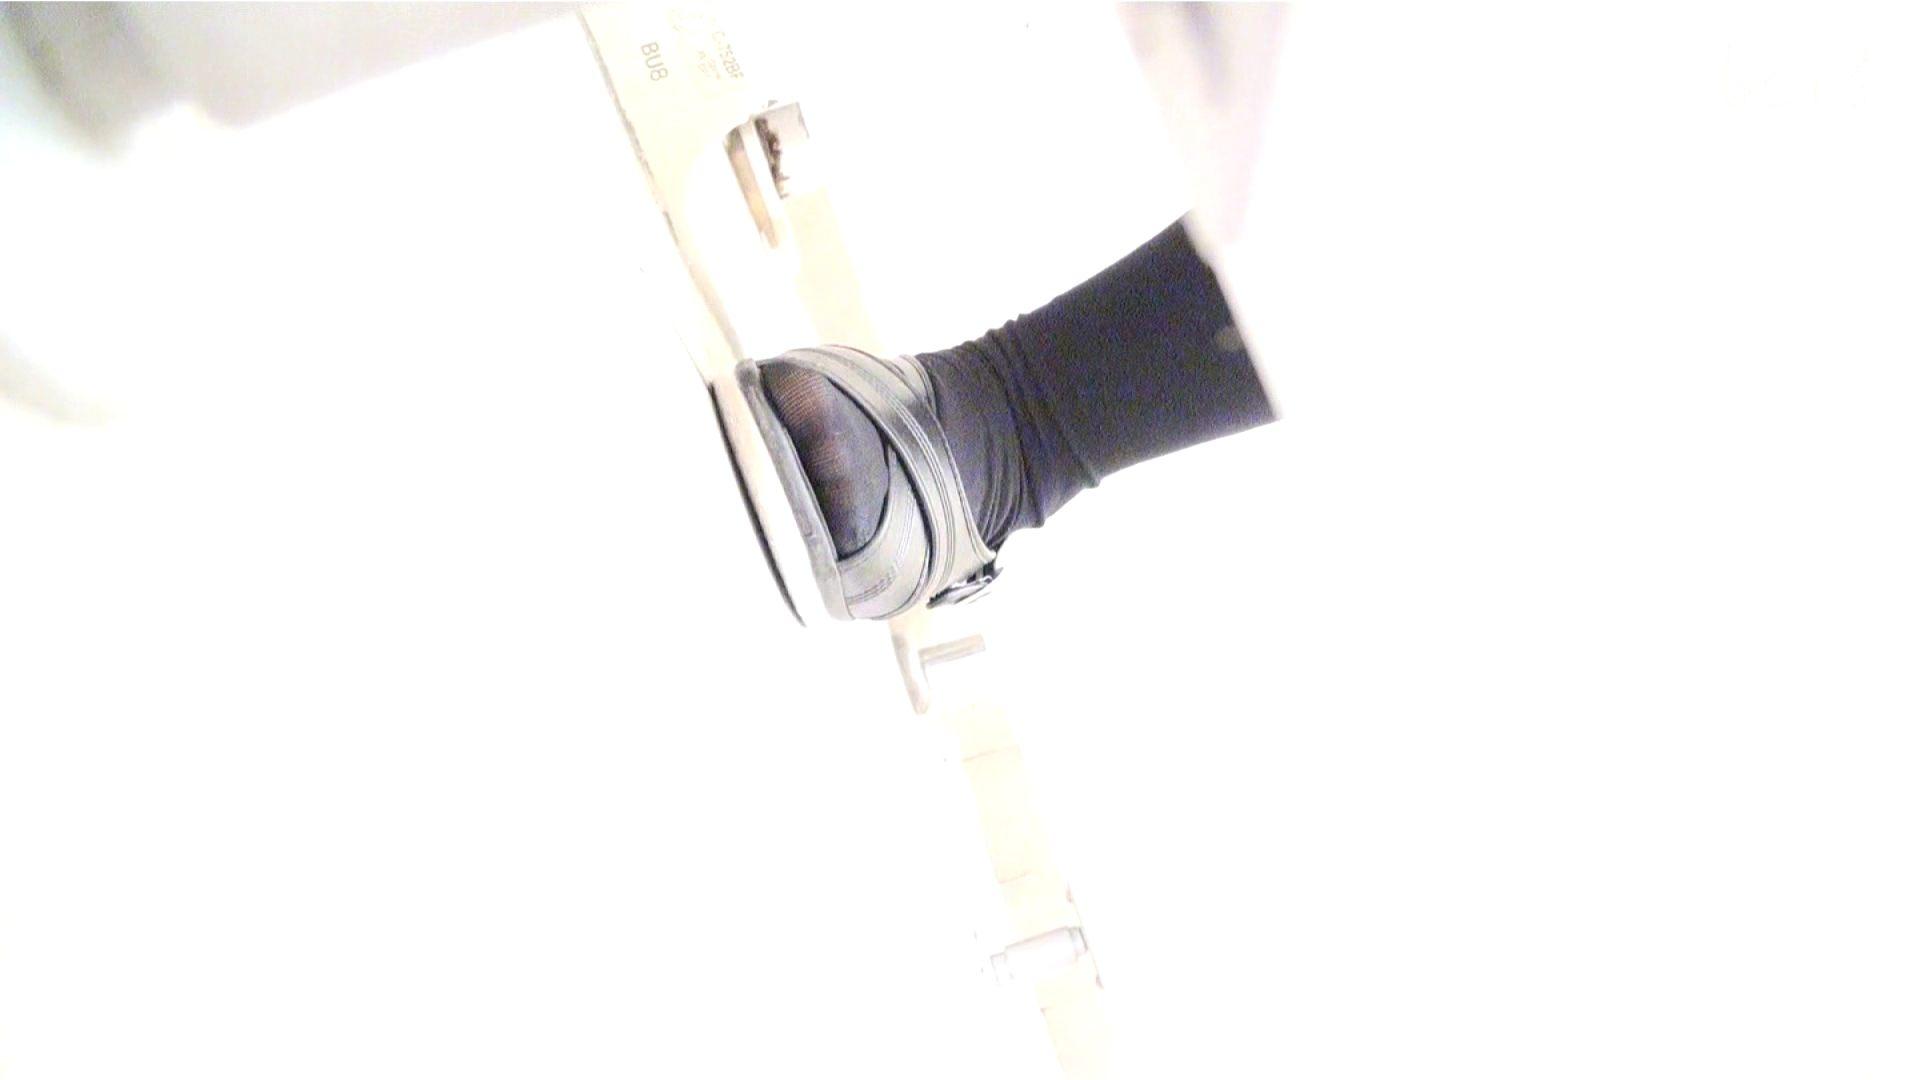 ナースのお小水 vol.003 OLのエロ生活 われめAV動画紹介 101連発 71